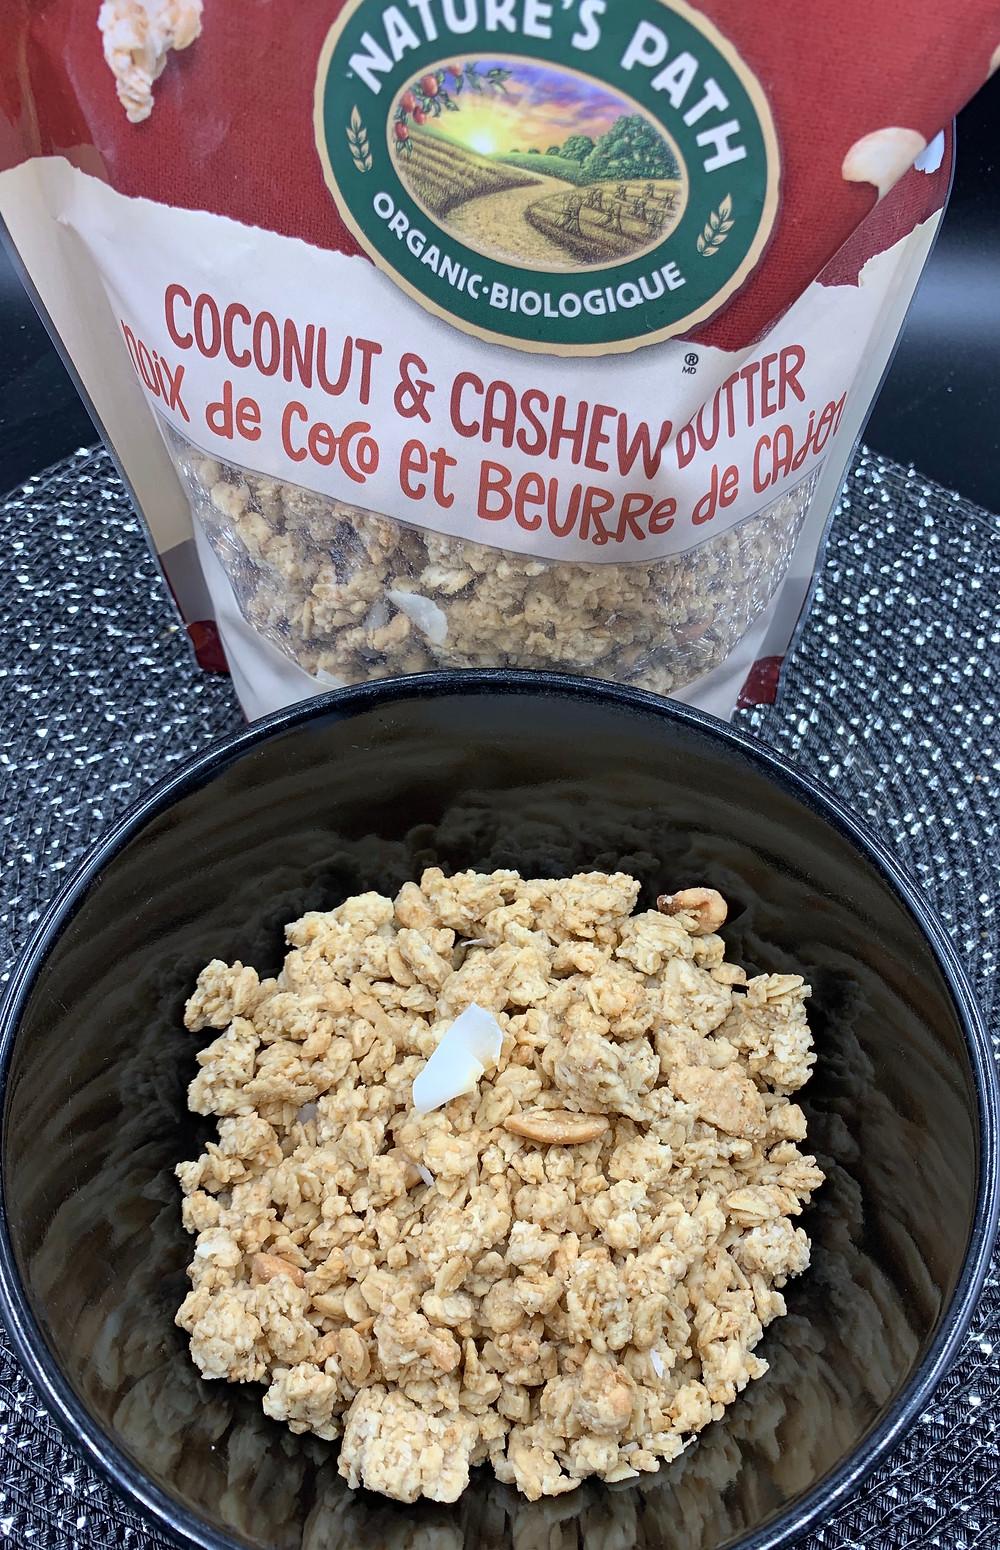 Costco Nature's Path Organic Coconut & Cashew Butter Granola